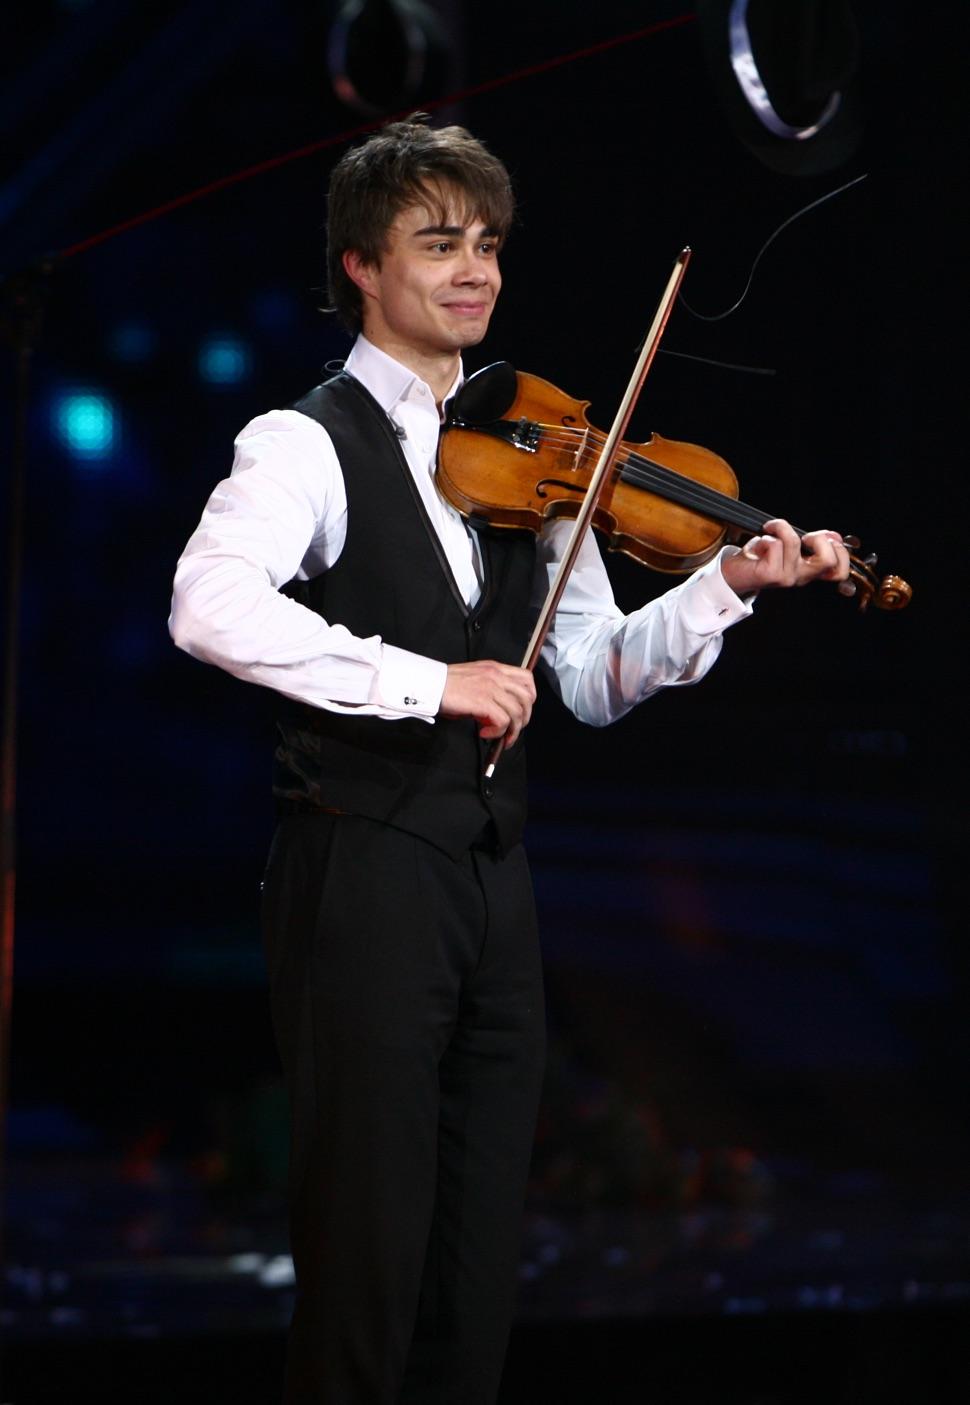 Alexander Rybak, der Gewinner der Eurovision 2009, spielt Geige auf der Bühne